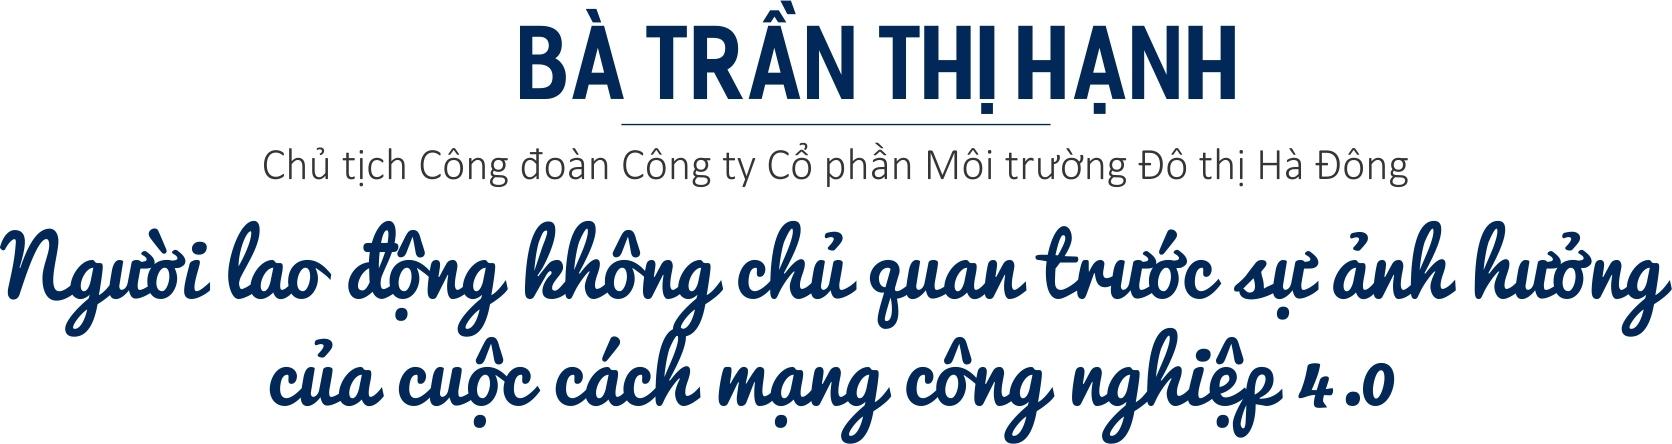 san sang truoc thach thuc cua cuoc cach mang cong nghiep 40